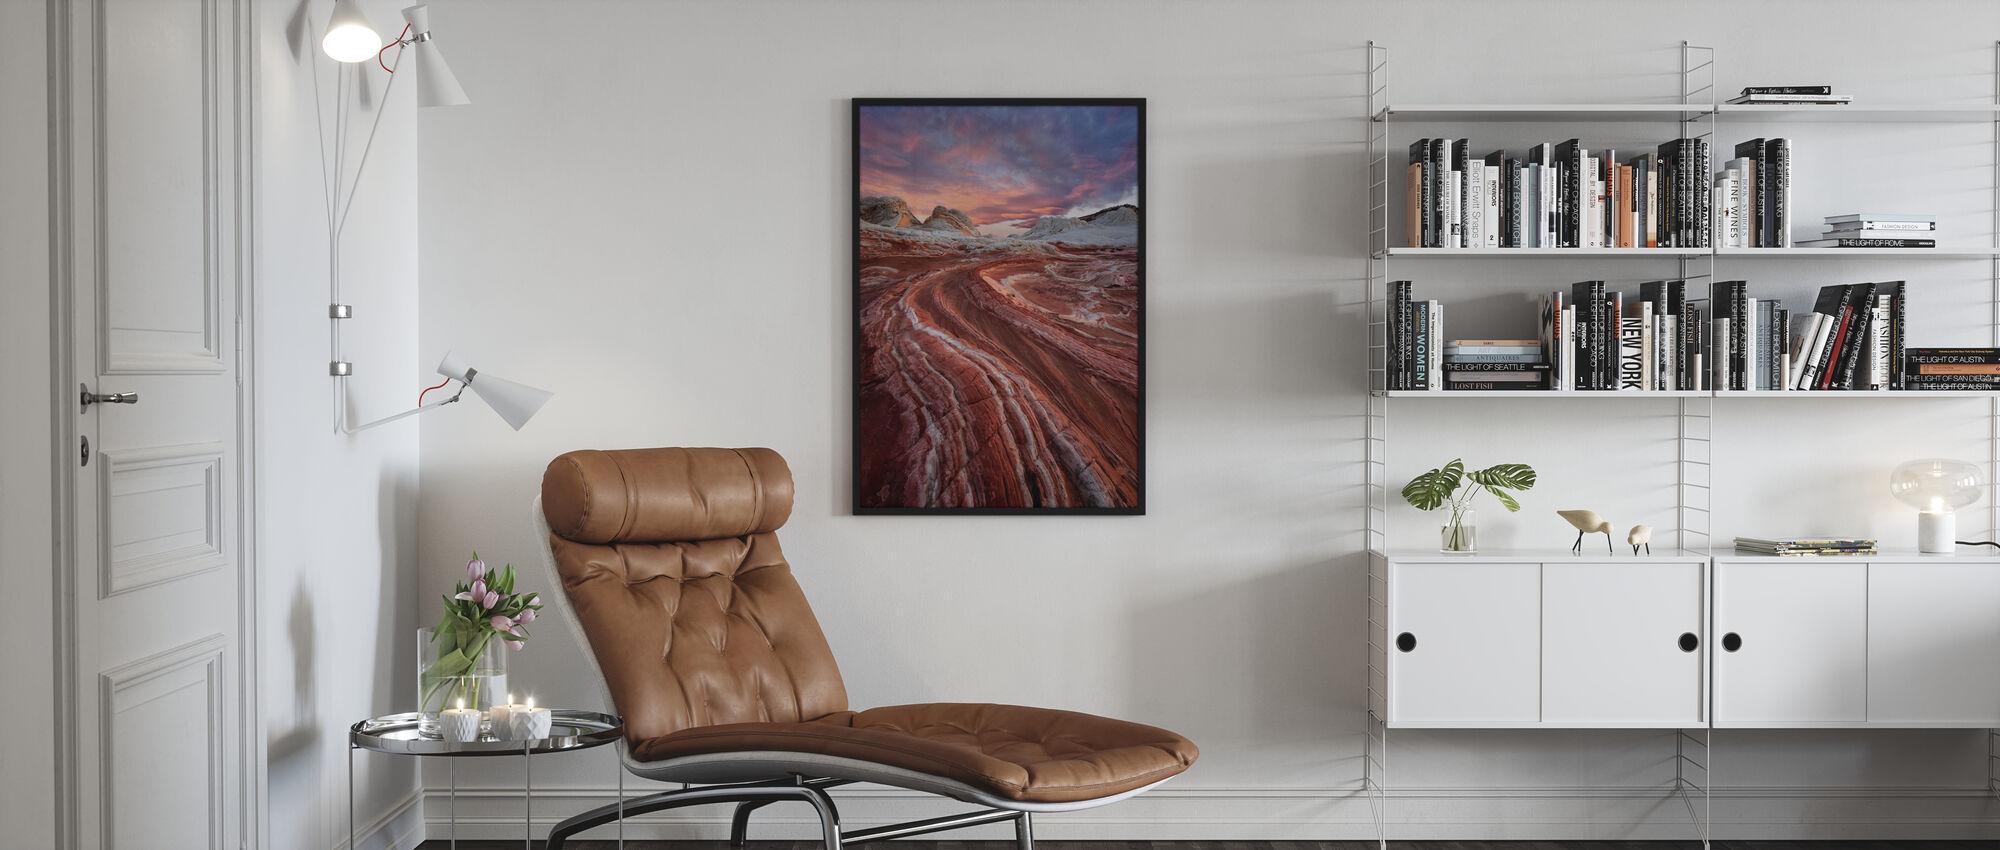 Roter Sandstein Felsen - Poster - Wohnzimmer